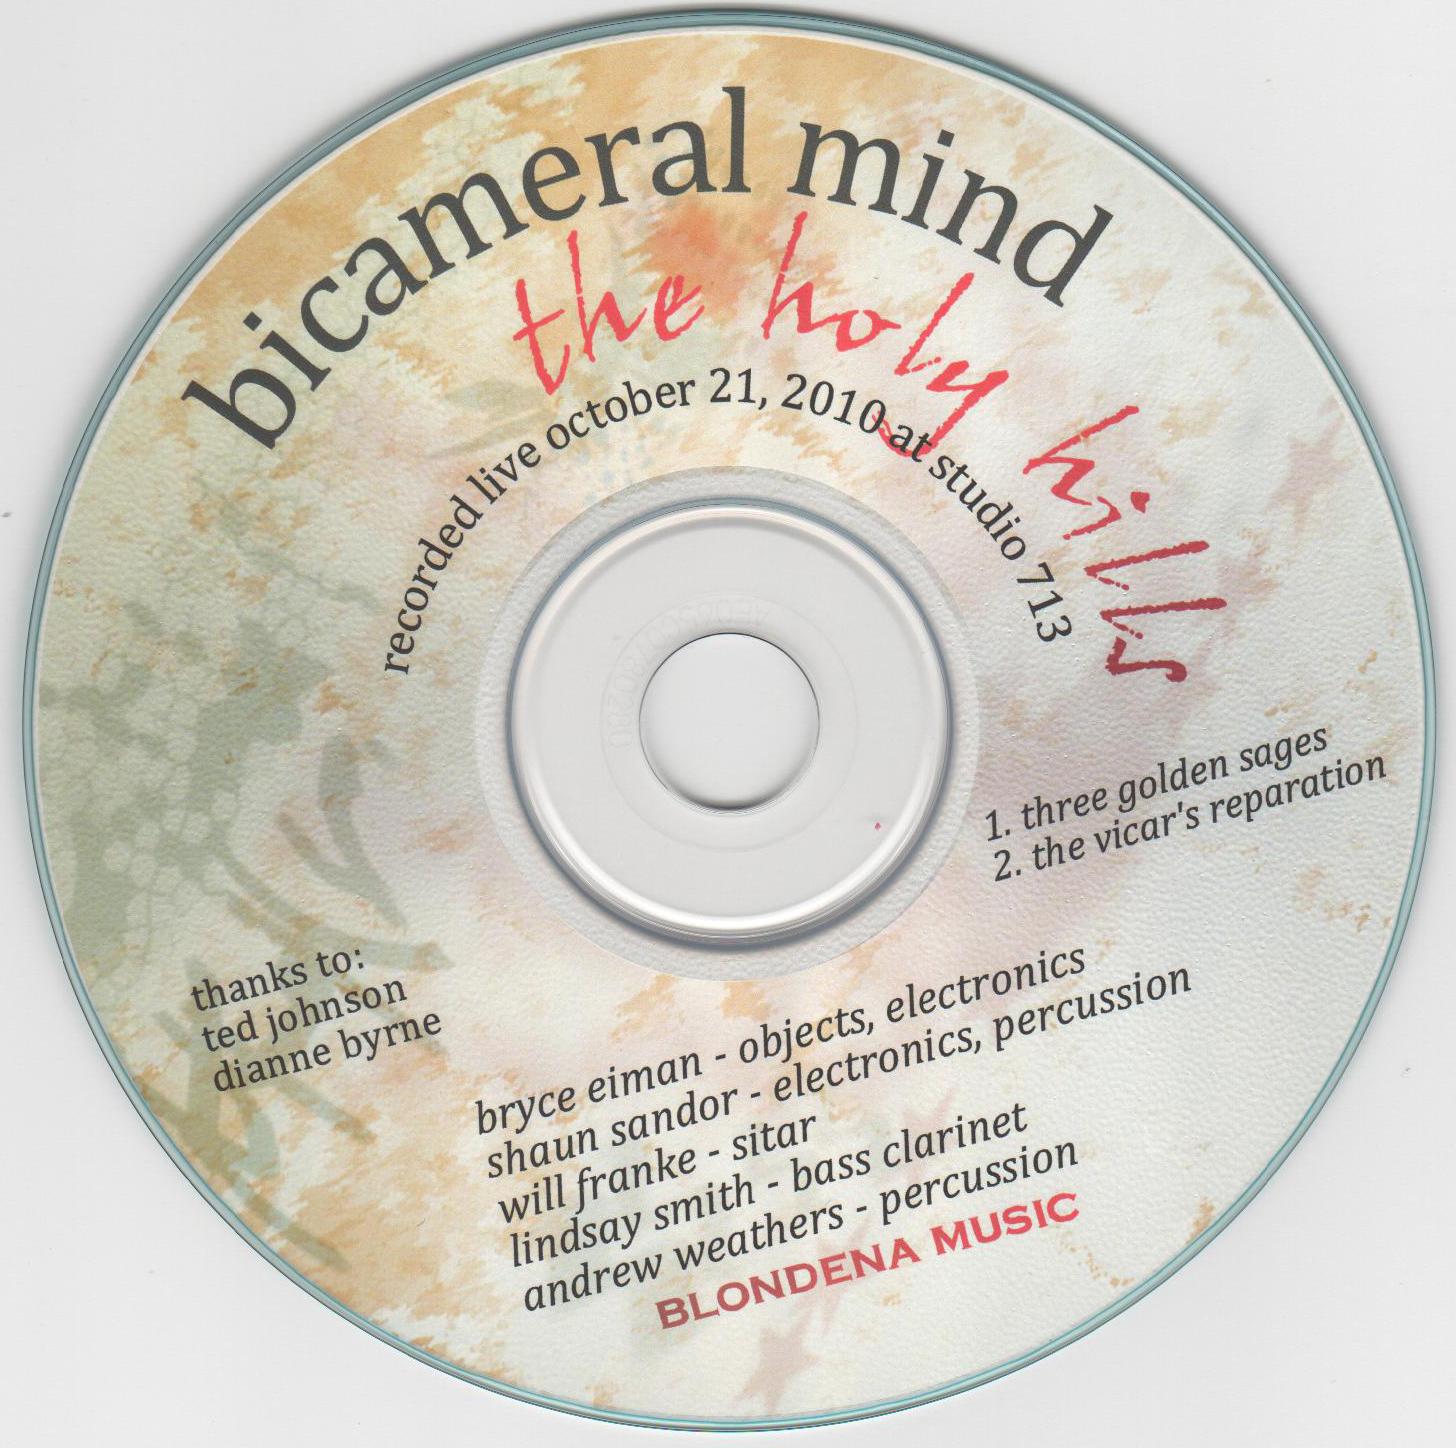 bicameral mind holy hills